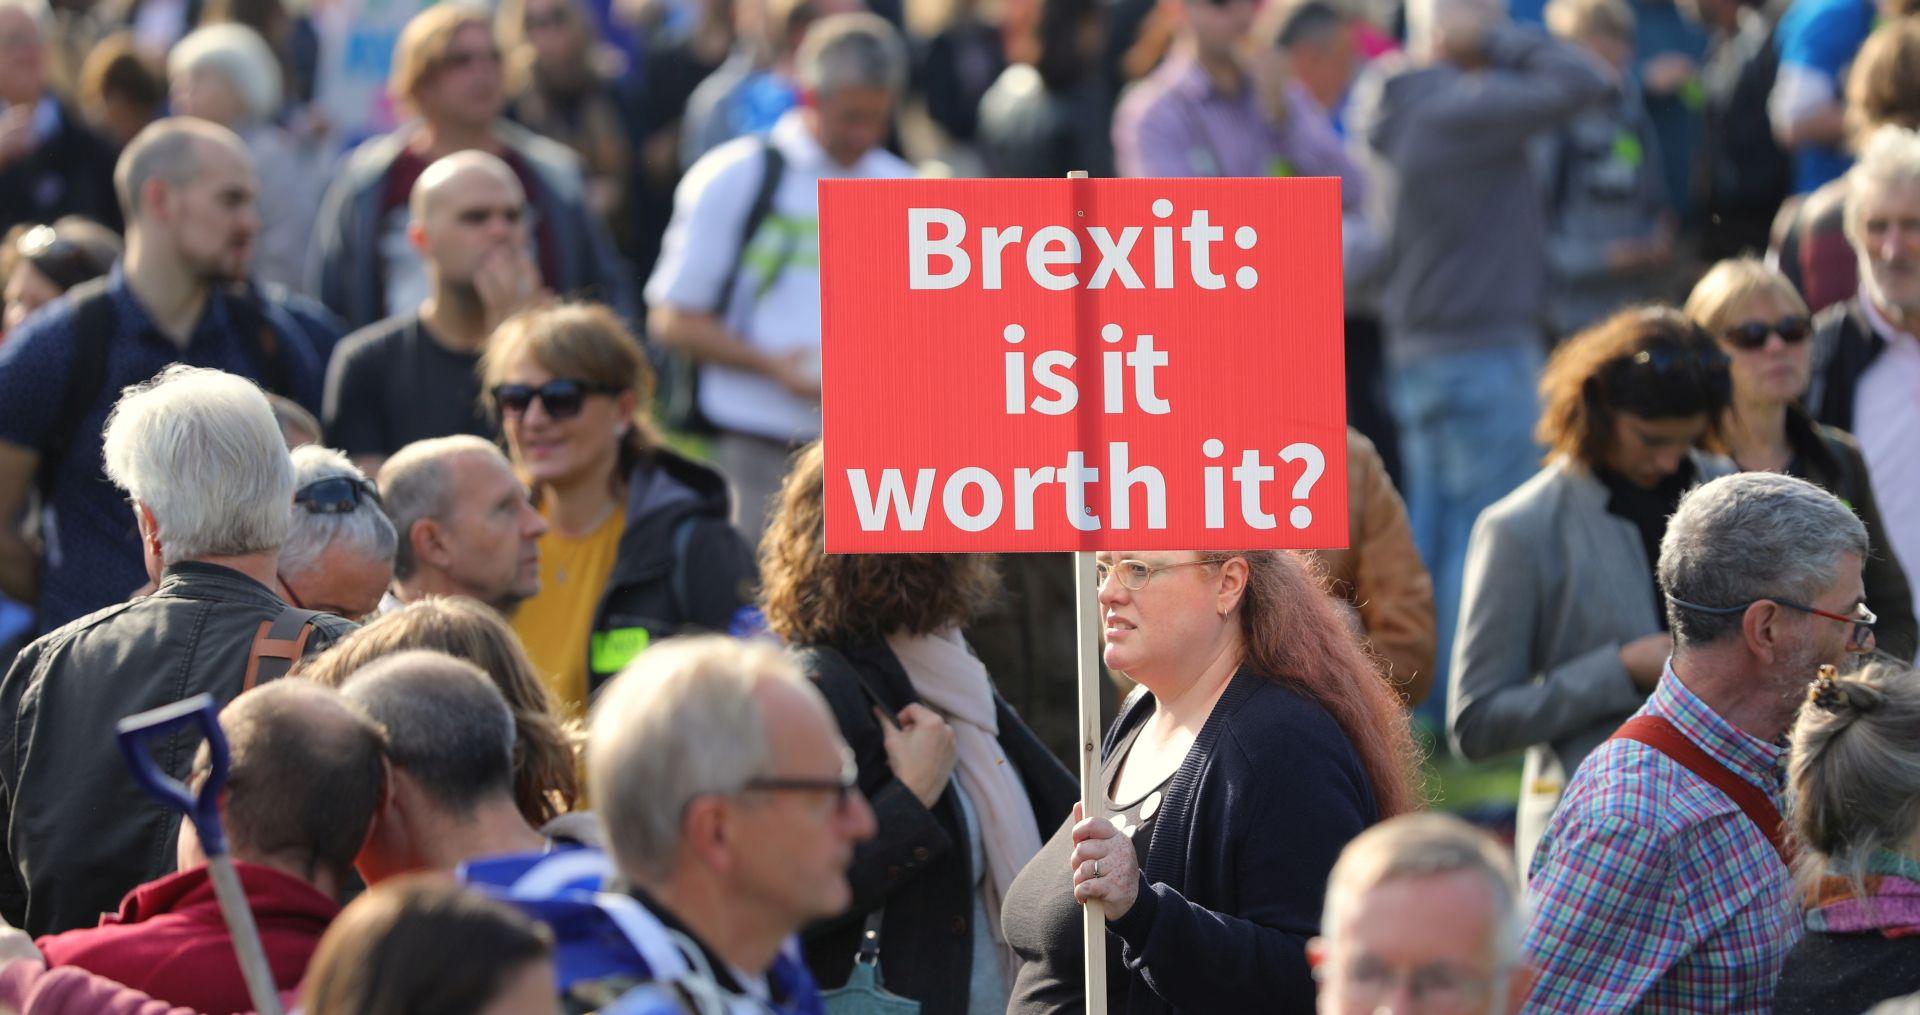 LONDON 700 tisuća ljudi marširalo za ostanak u EU